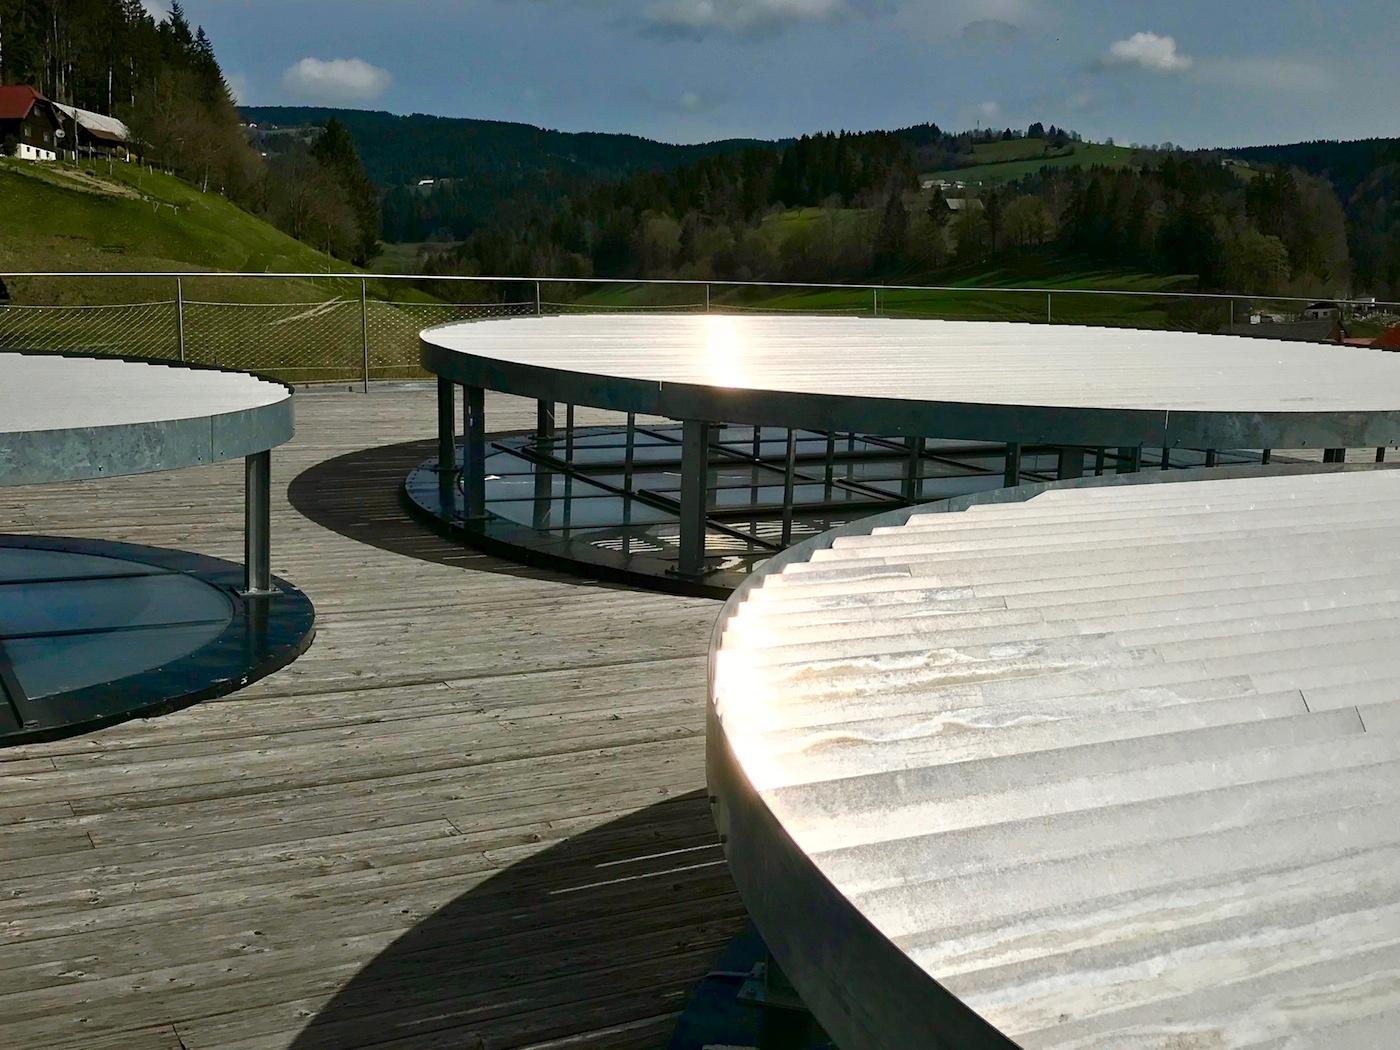 KSVET. Dachterrasse mit Sonnenschutzelementen